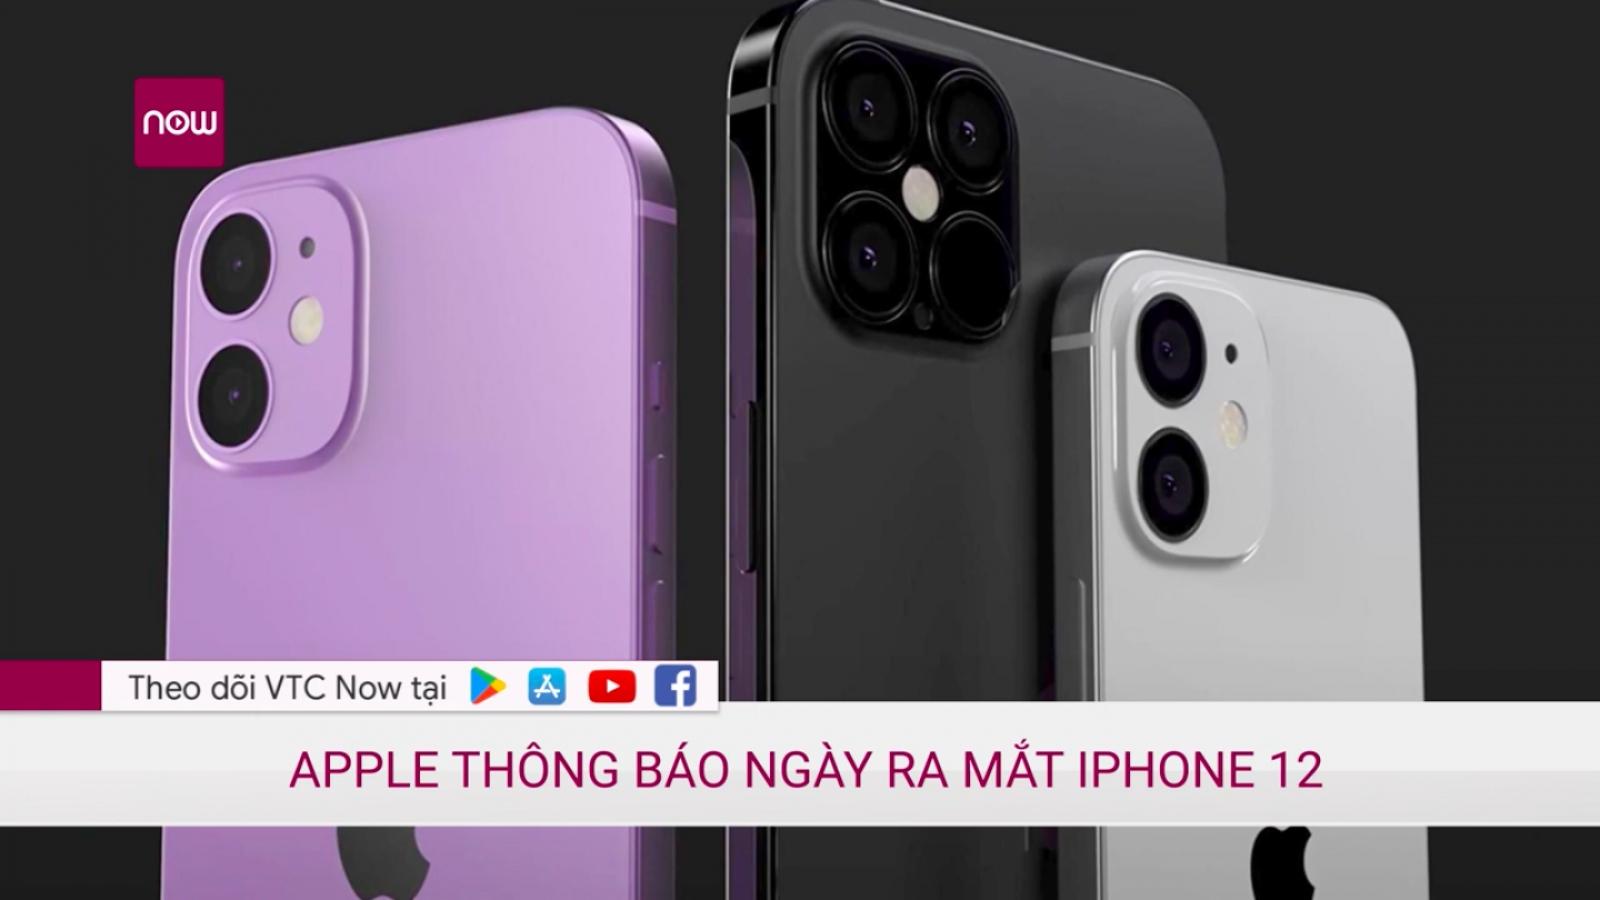 """Người hâm mộ """"nhà táo"""" chờ đợi Iphone 12 ra mắt với nhiều phỏng đoán"""